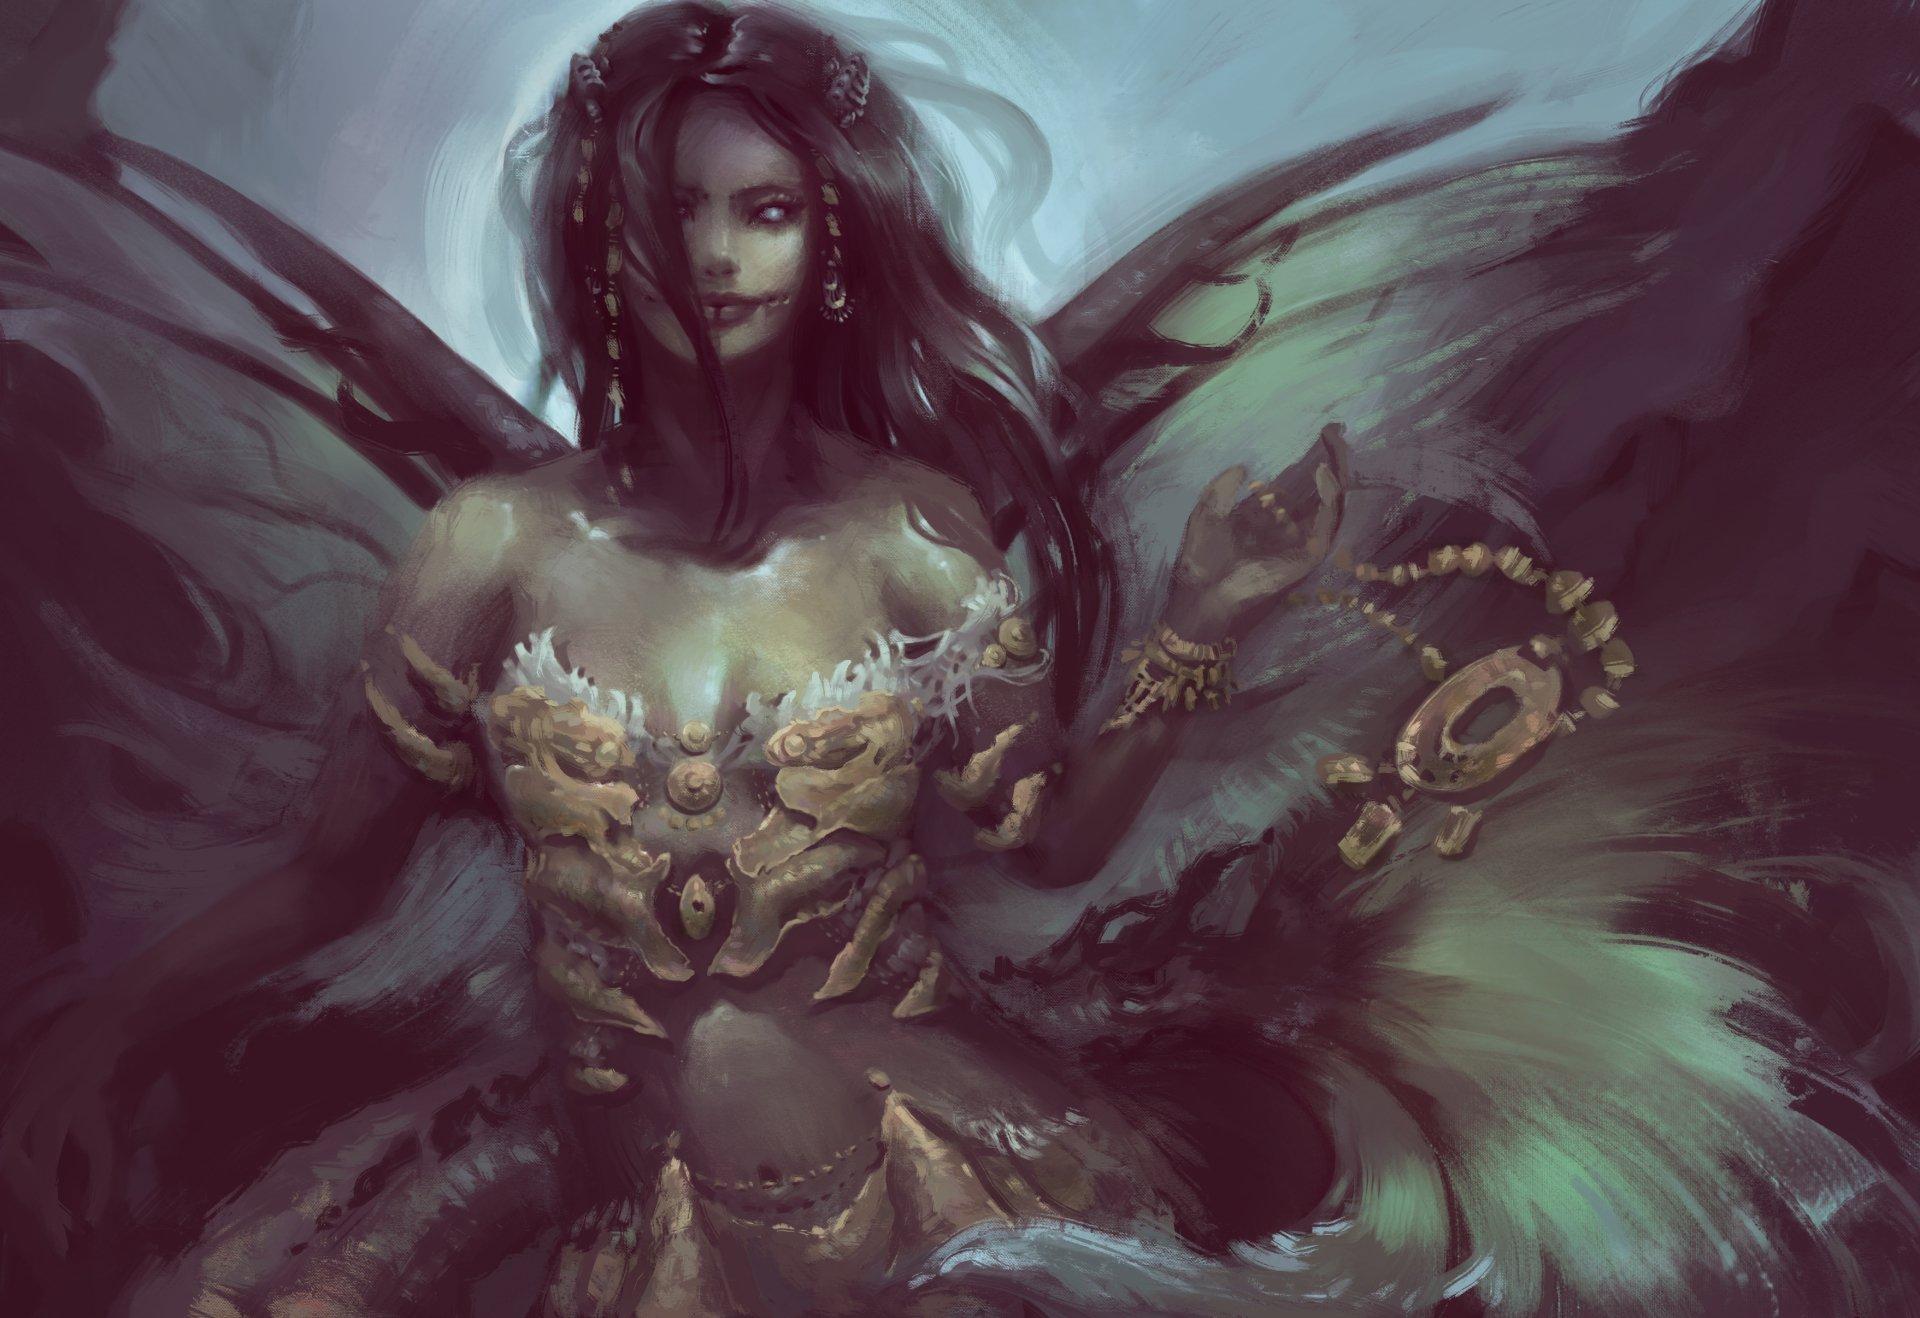 Fantasy - Dark  Woman Girl Black Hair Wings Wallpaper